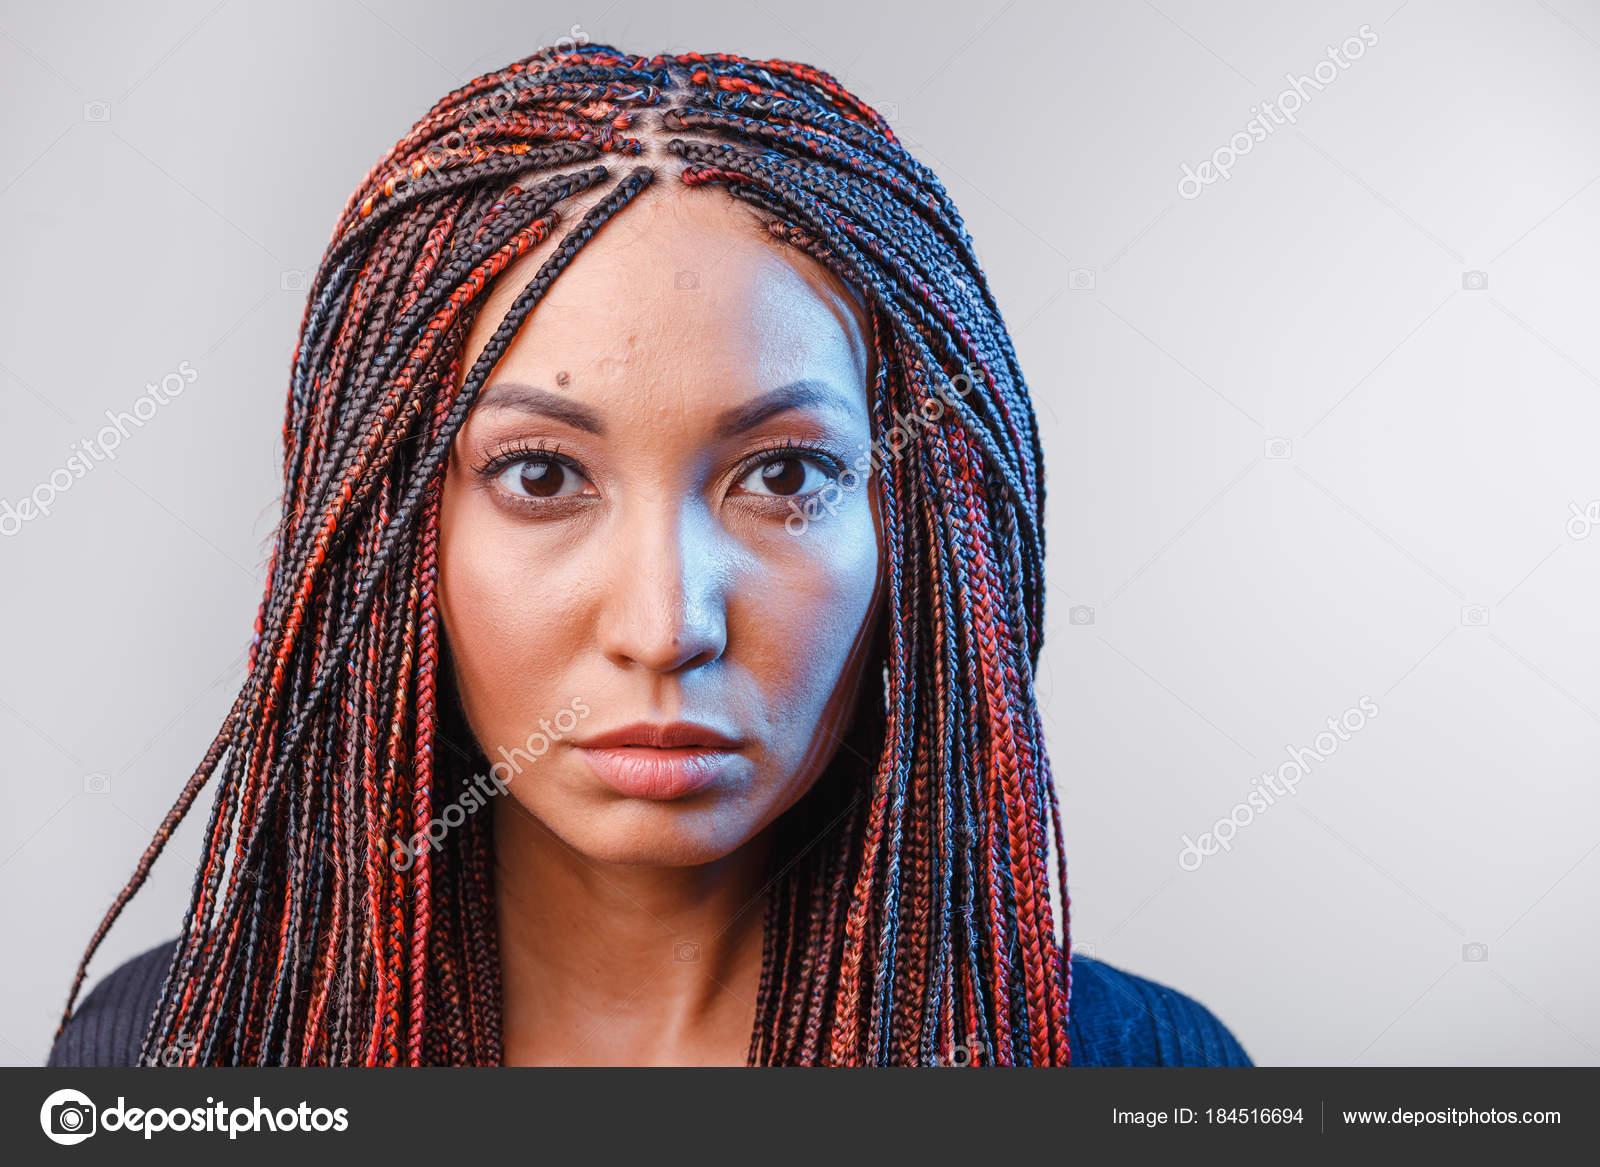 Trenzas Mujeres Afro Mujer Con El Afro Trenzas Moda Peinado En